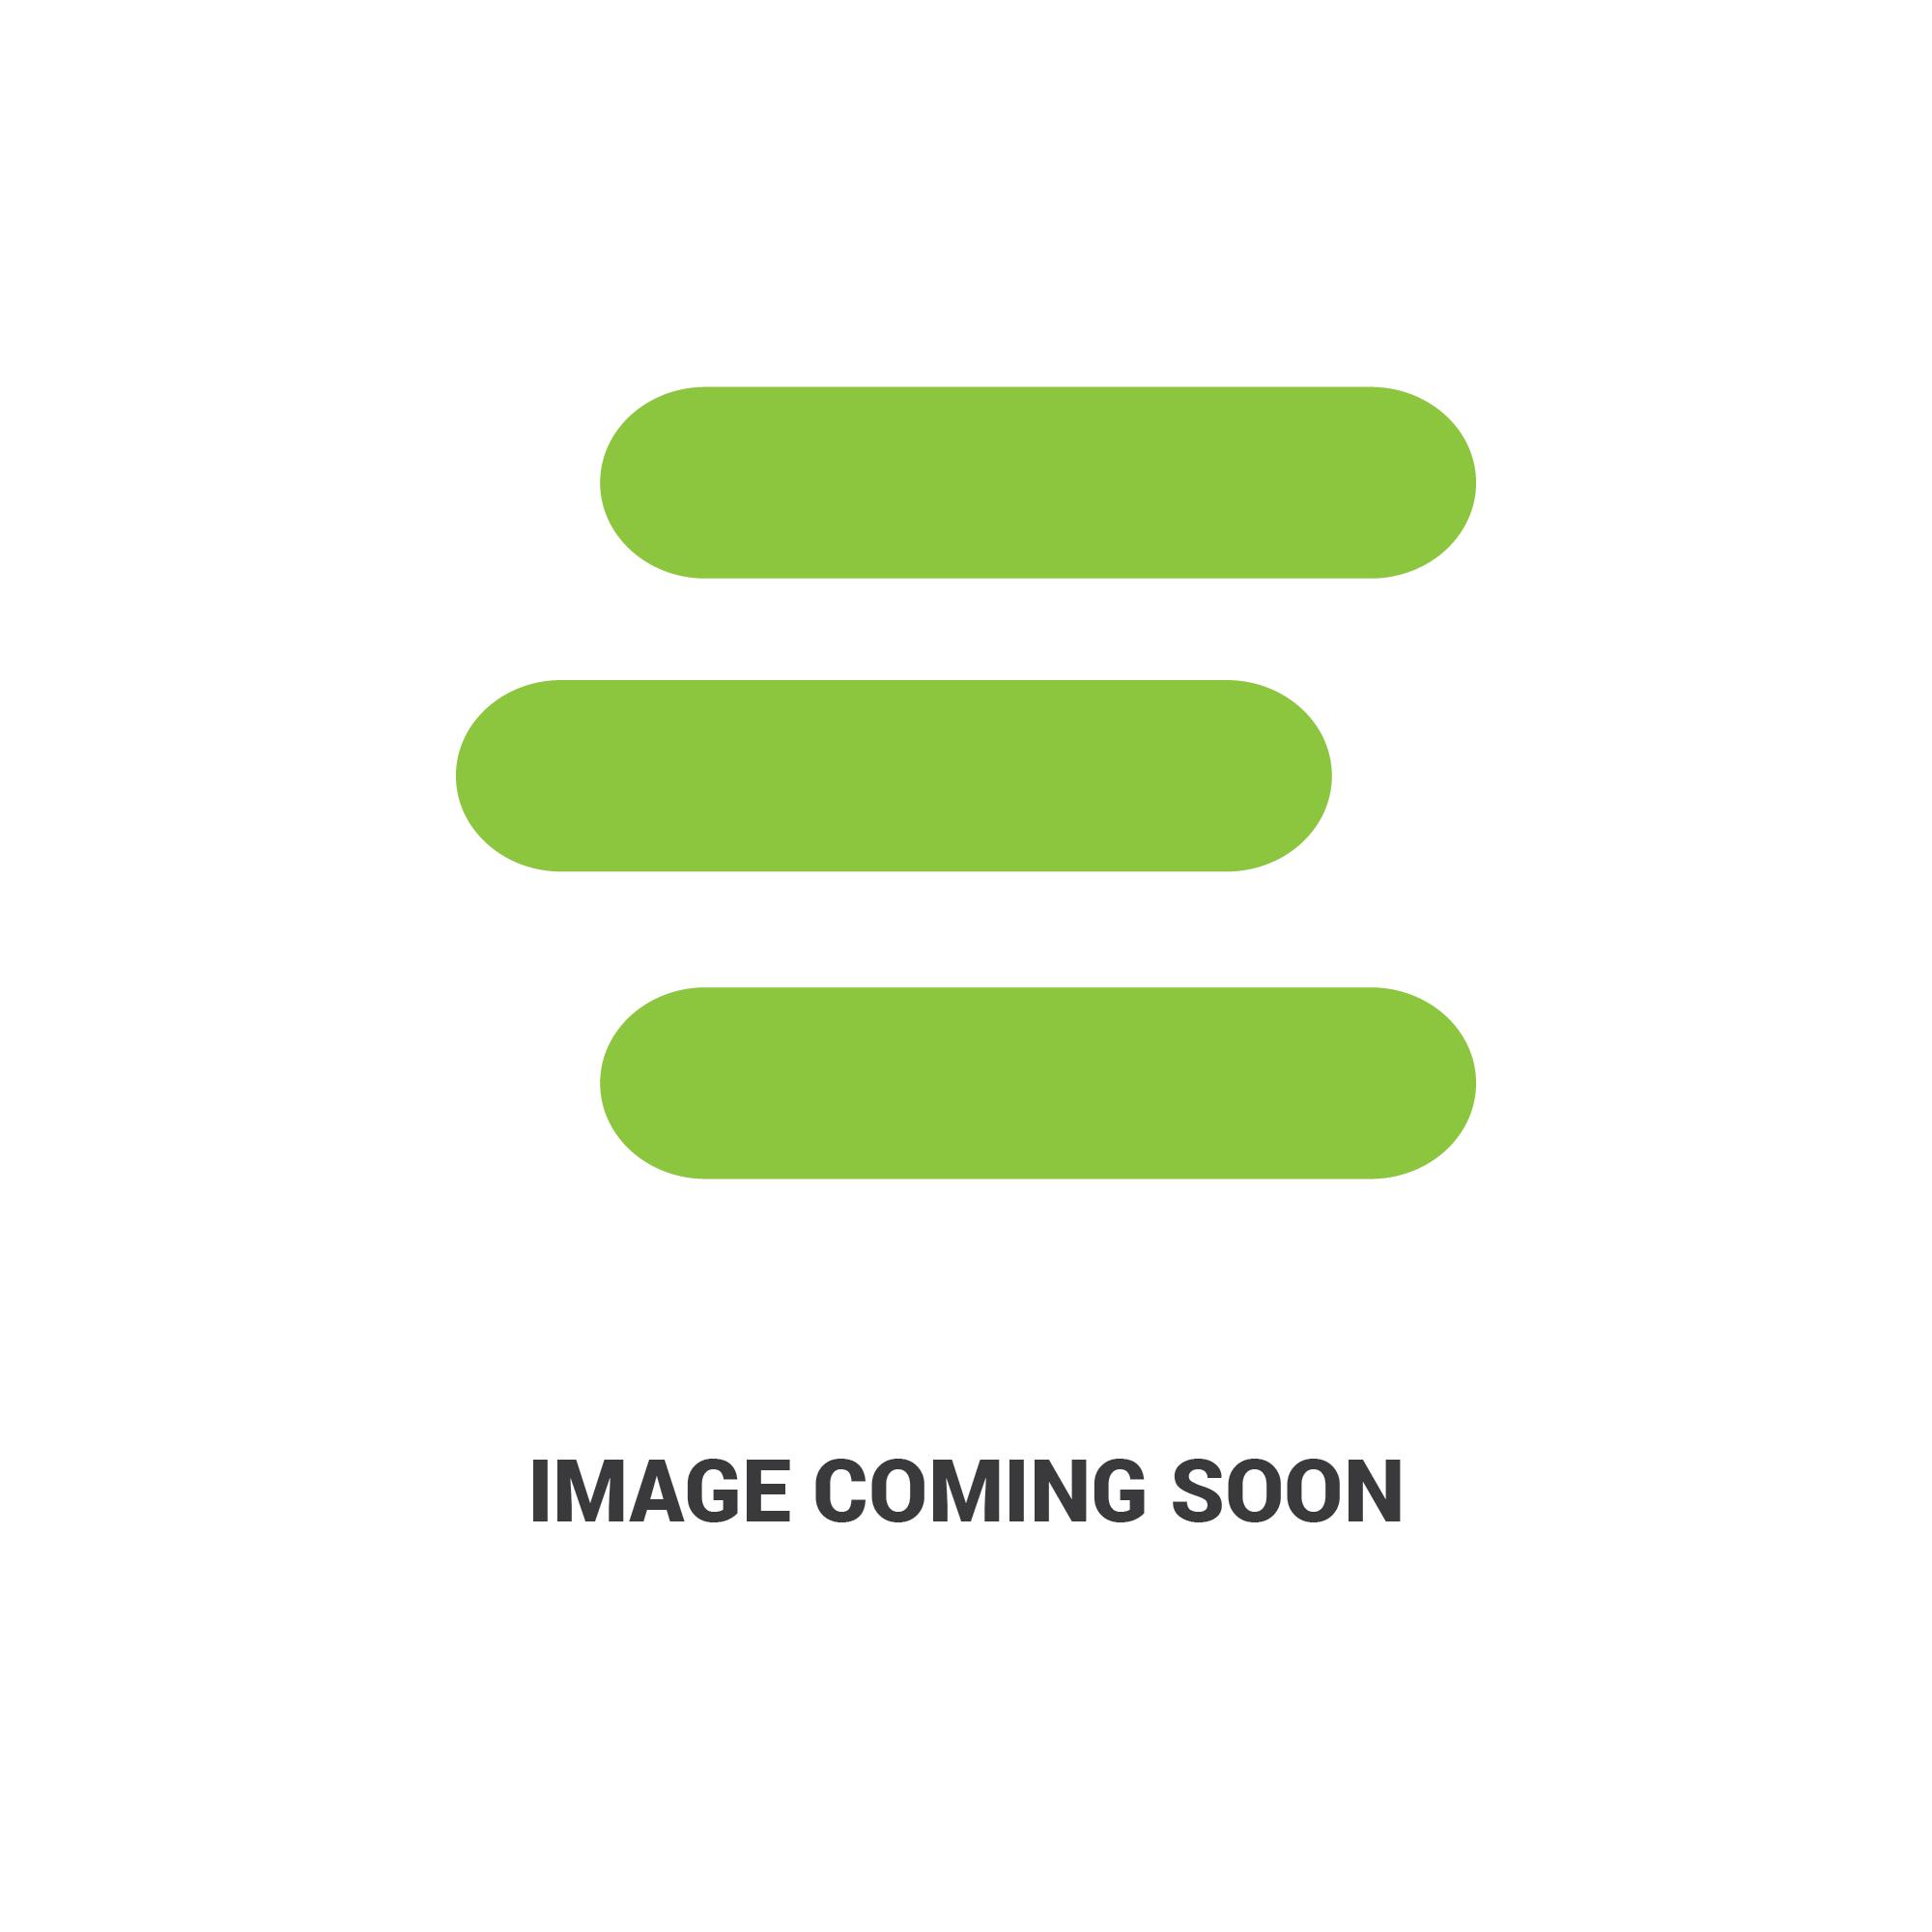 E-195170KKedit 1.jpg